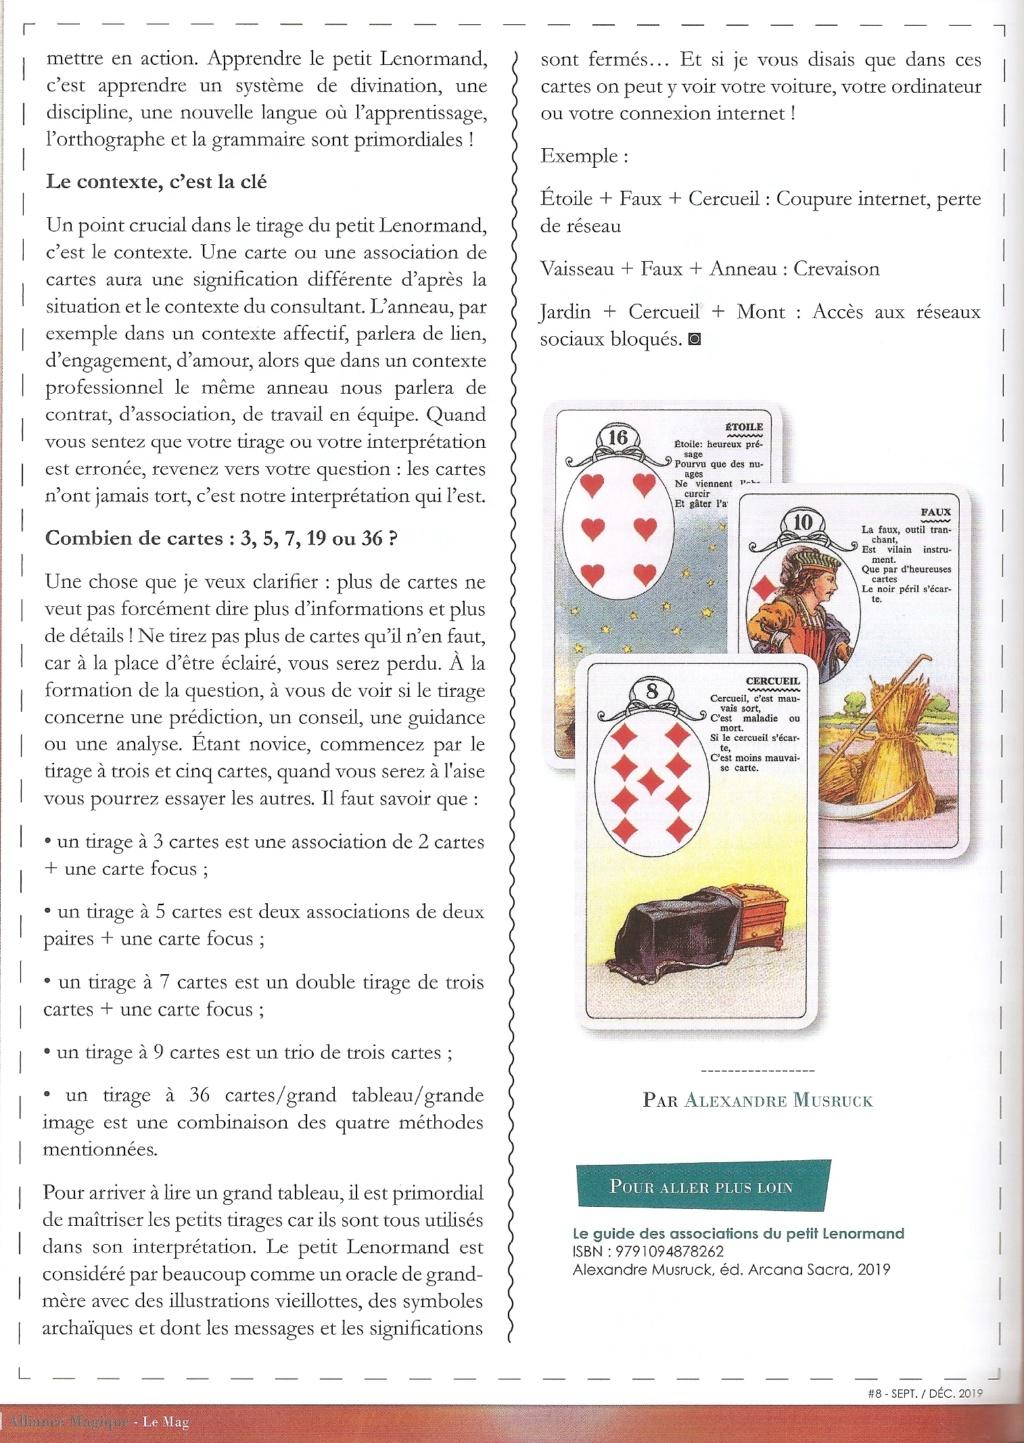 Le petit Lenormand 2.0 par Alexandre Musruck Pt_len12